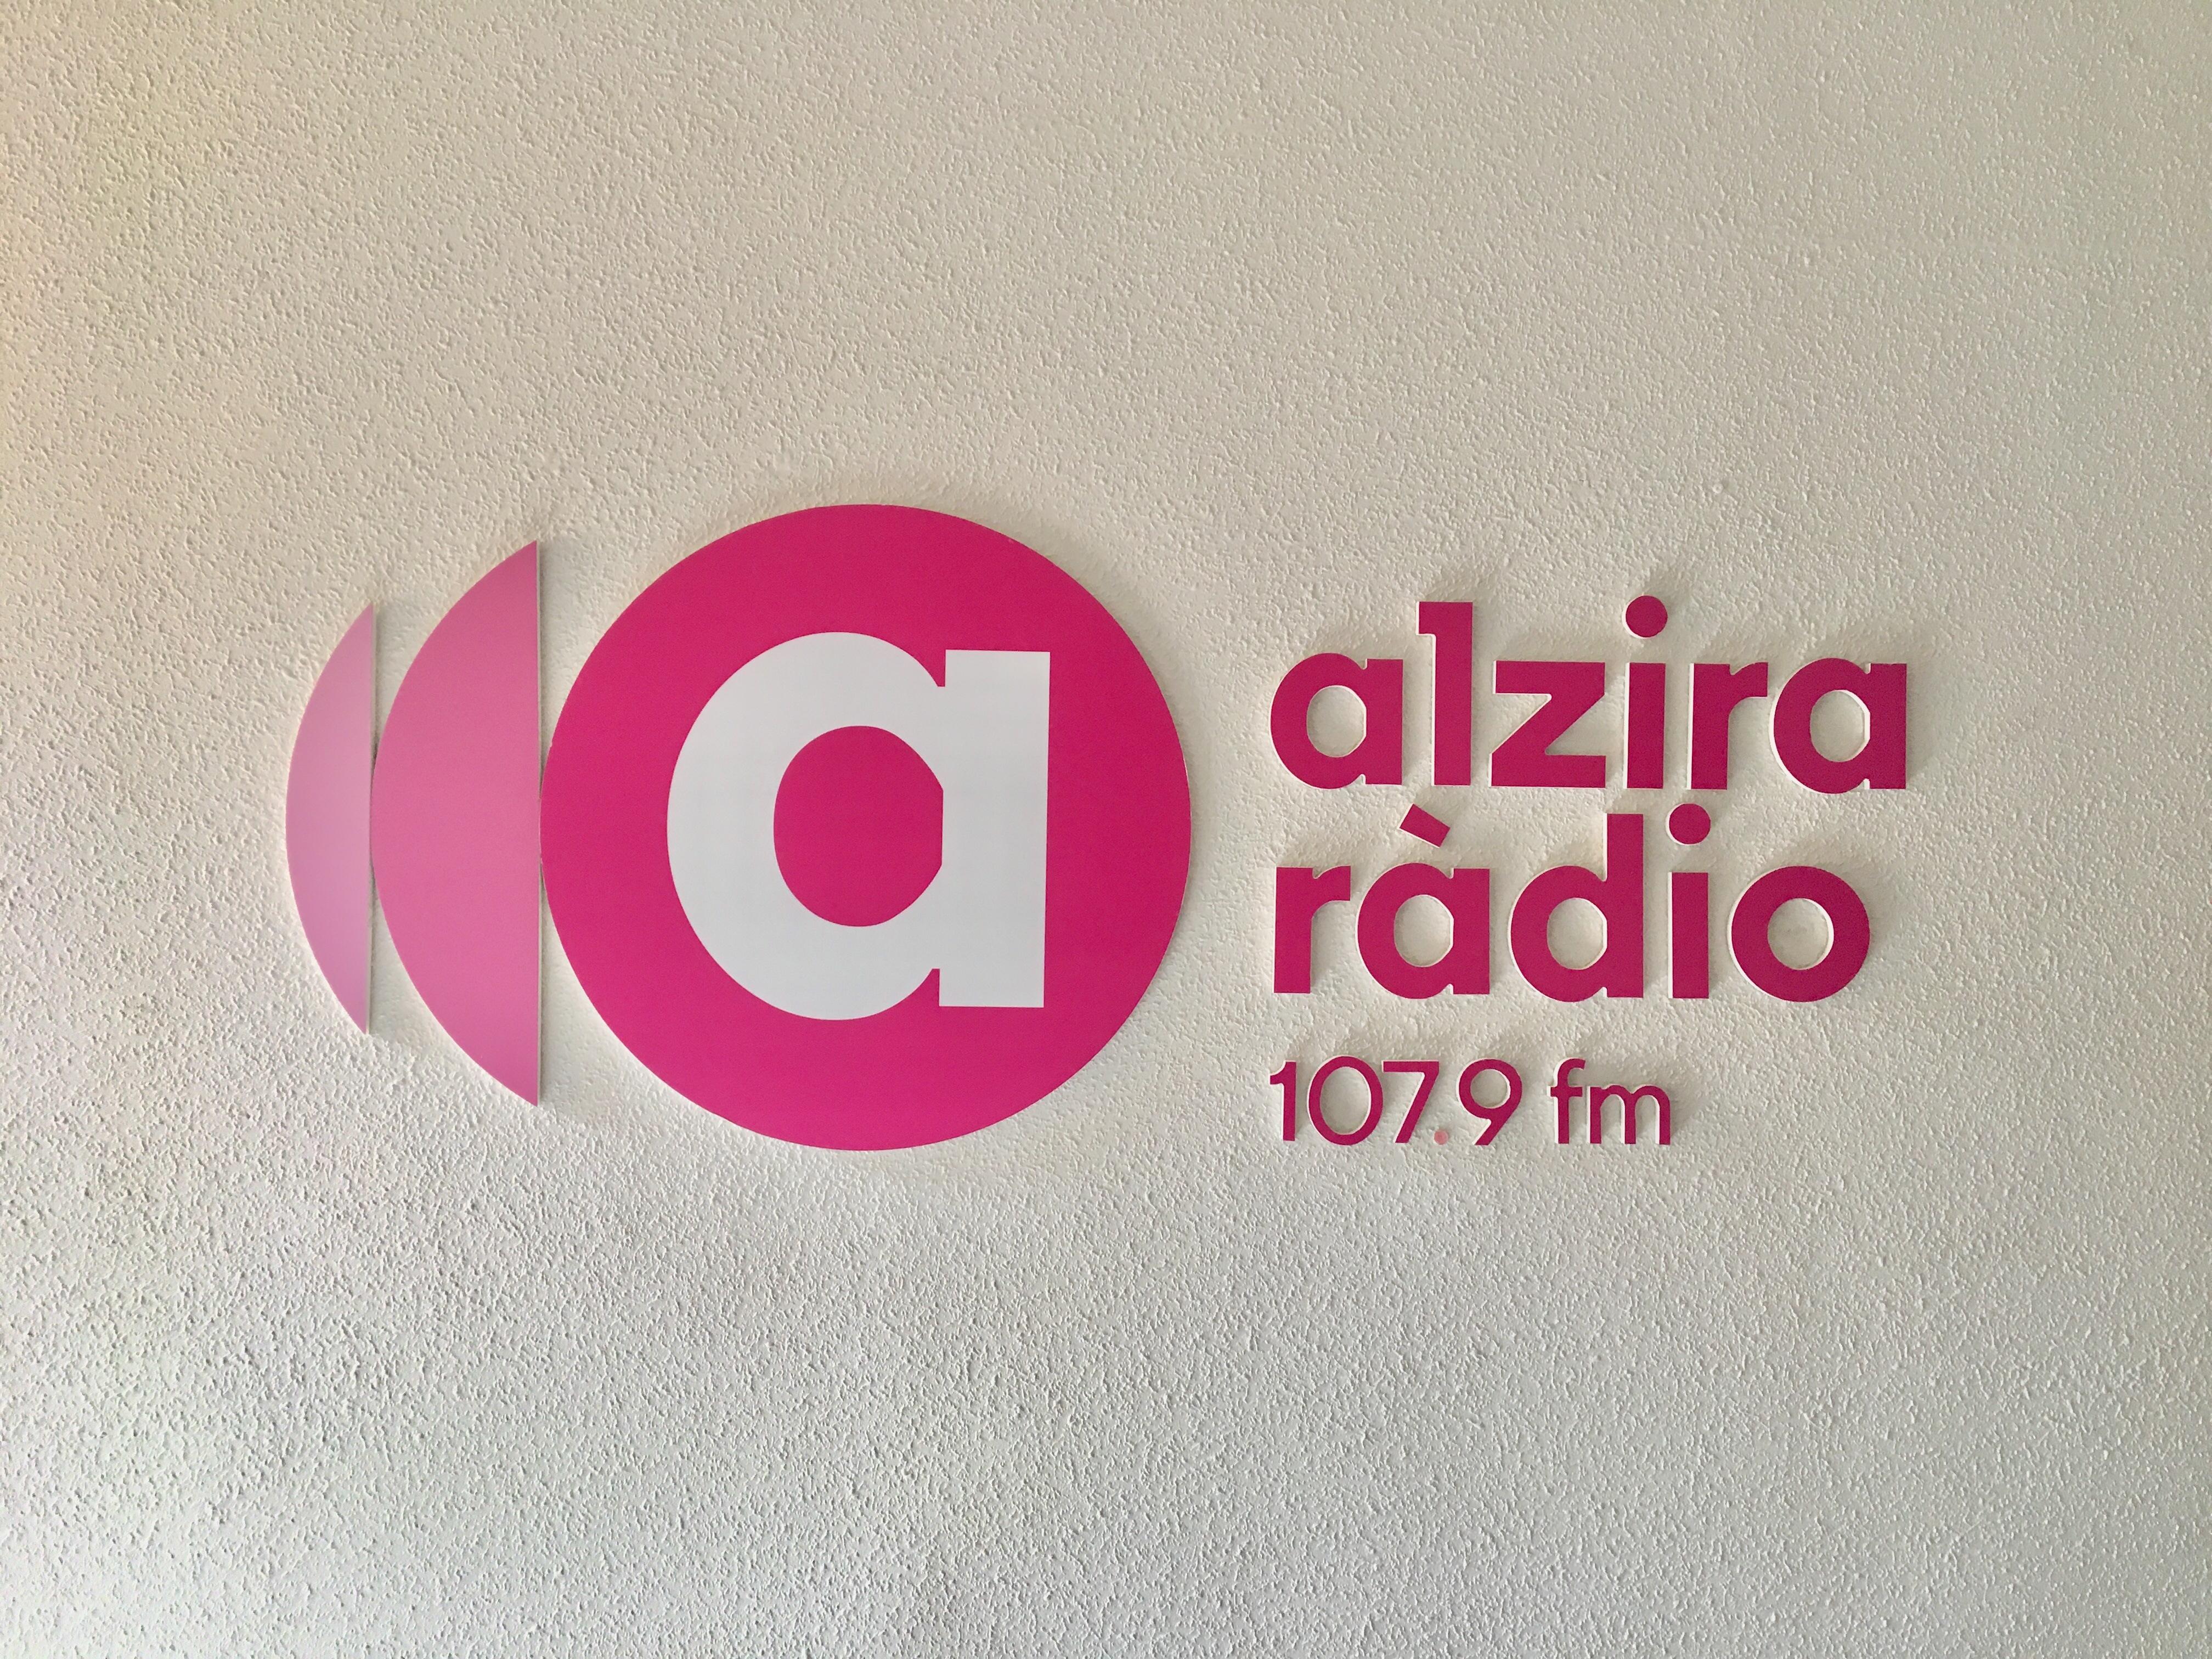 IMG 4652 - Alzira Radio notícies d'Alzira